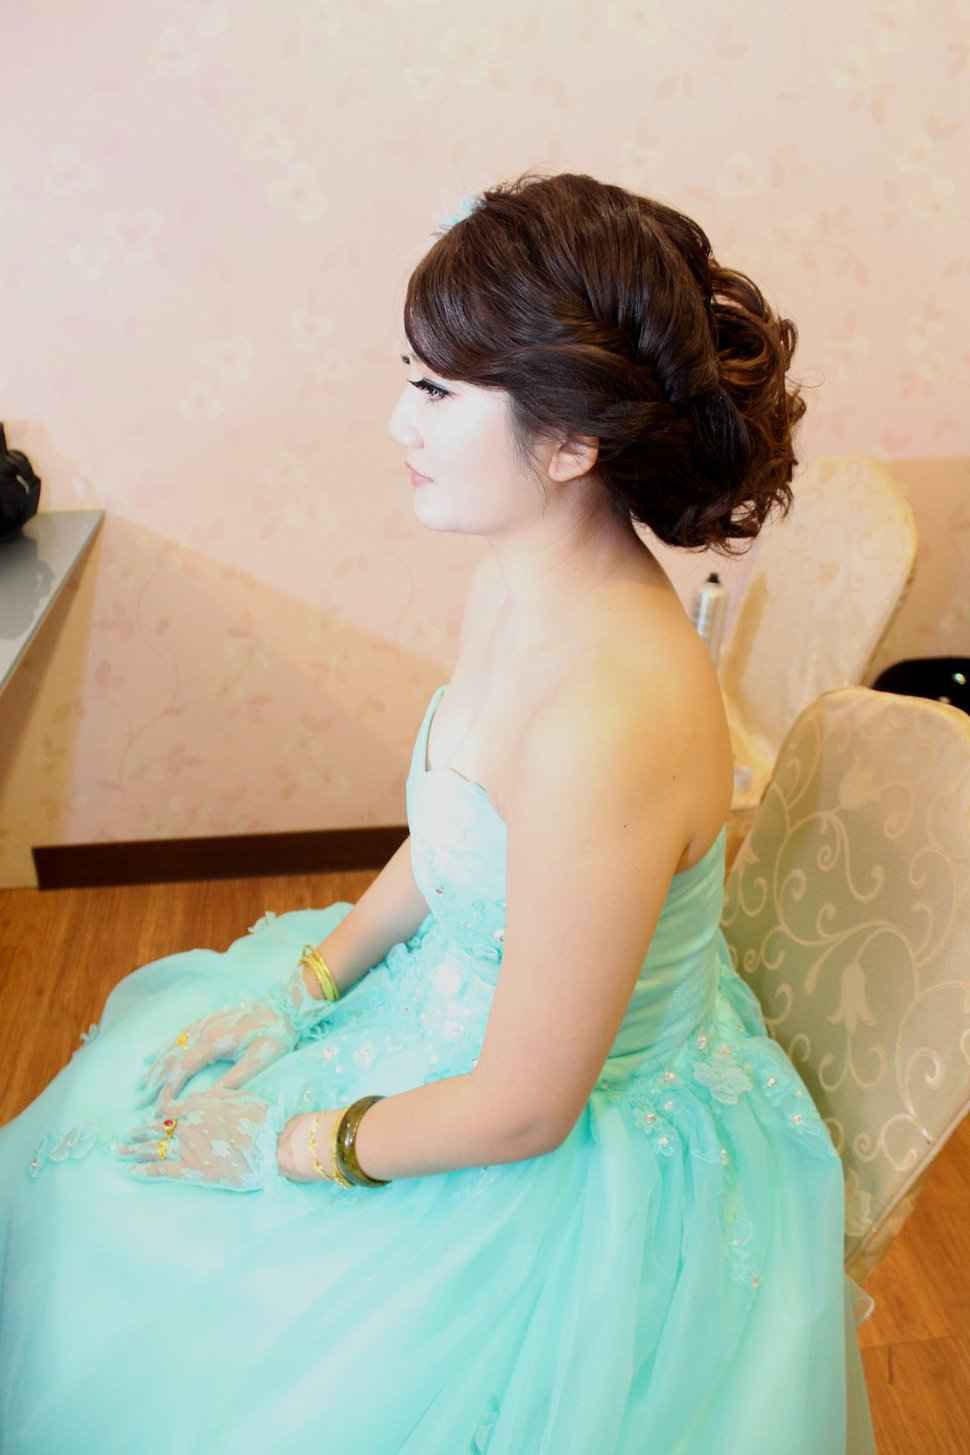 南臺灣新娘秘書韓式(噴槍)新秘團隊(編號:194521) - 若言新娘秘書韓式妝髮 - 結婚吧